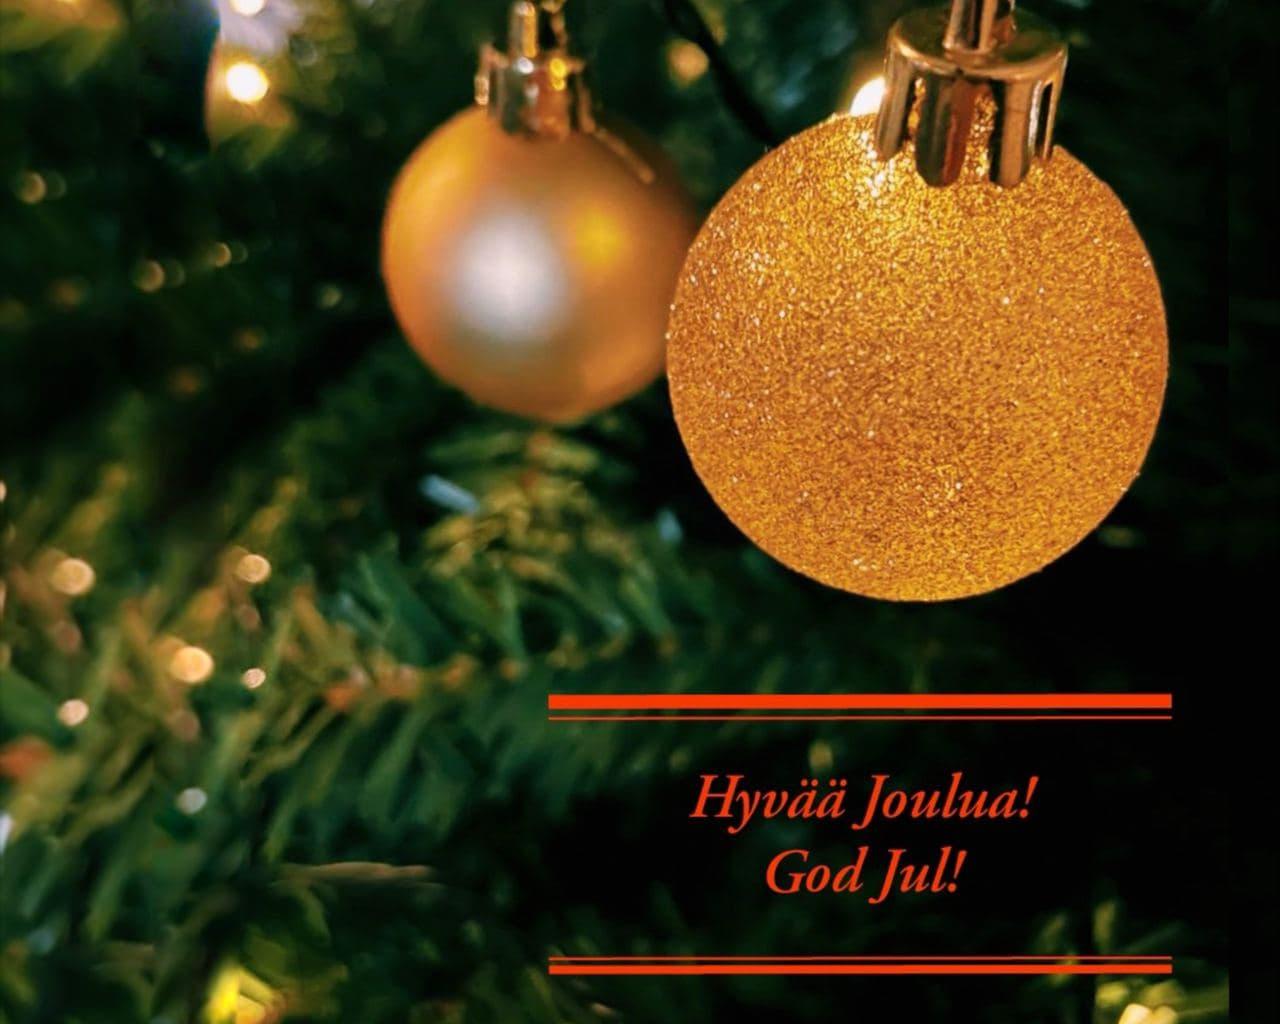 Hyvaa-joulua-2020_III